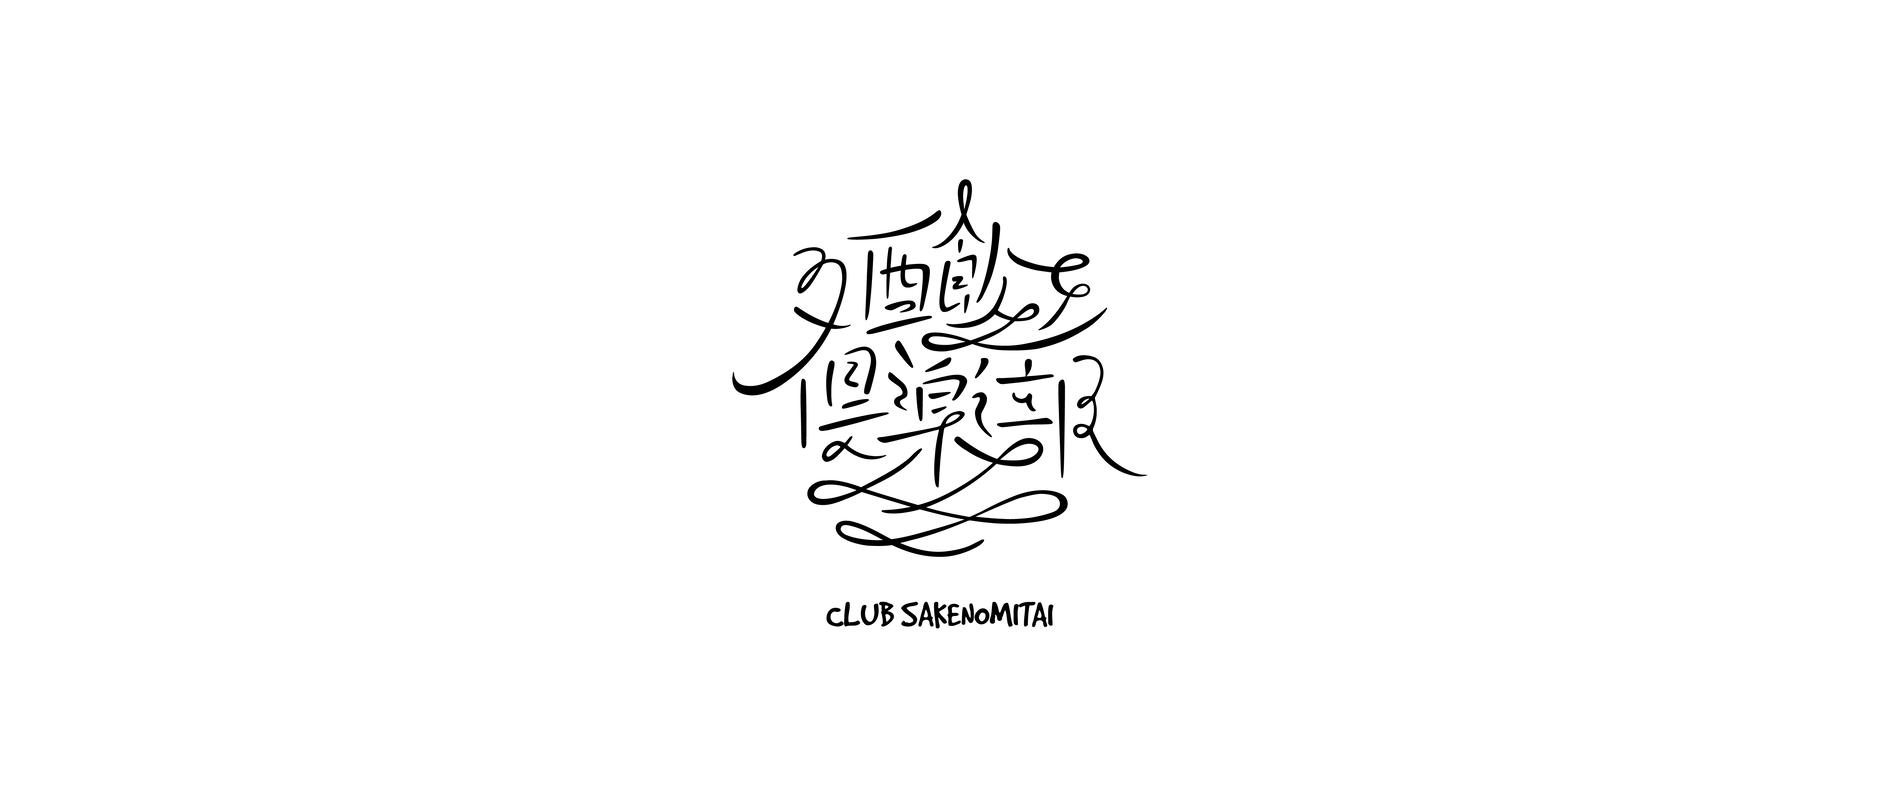 CLUB SAKENOMITAI